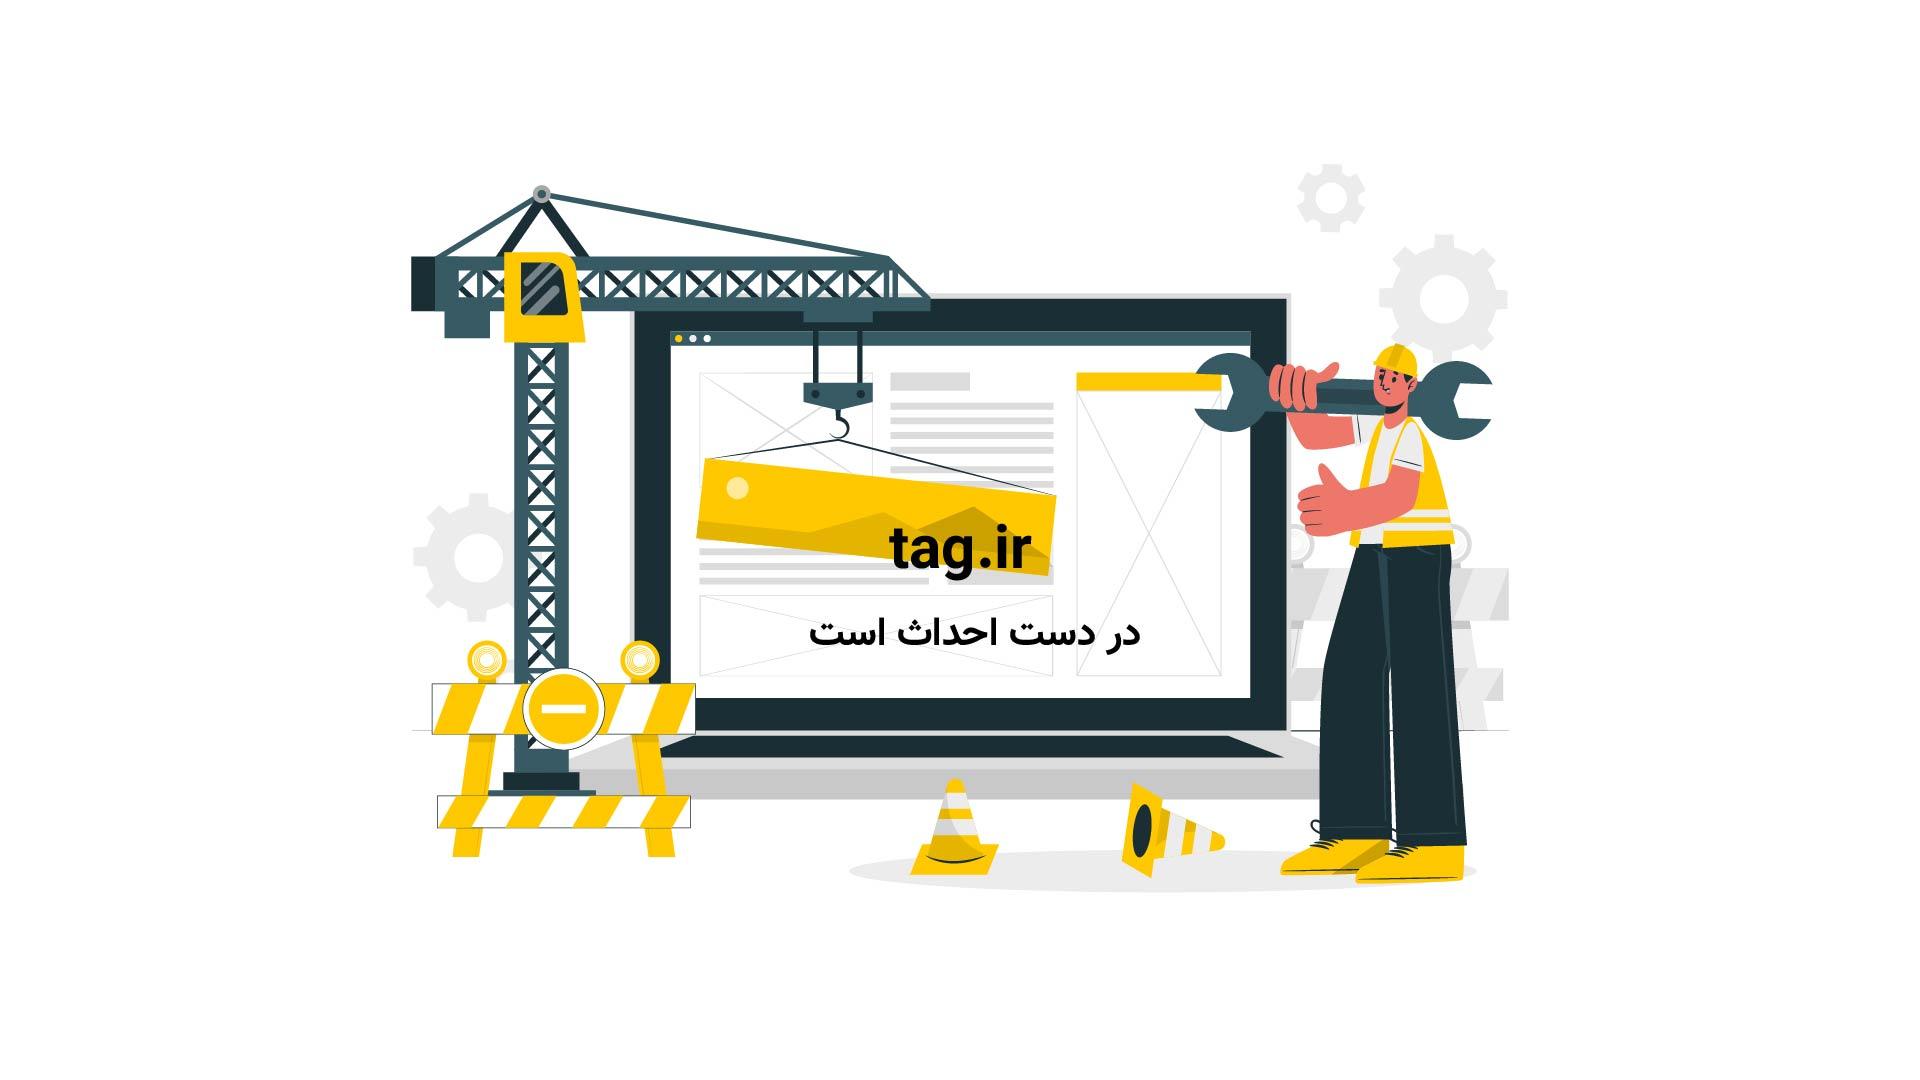 خرس | تگ